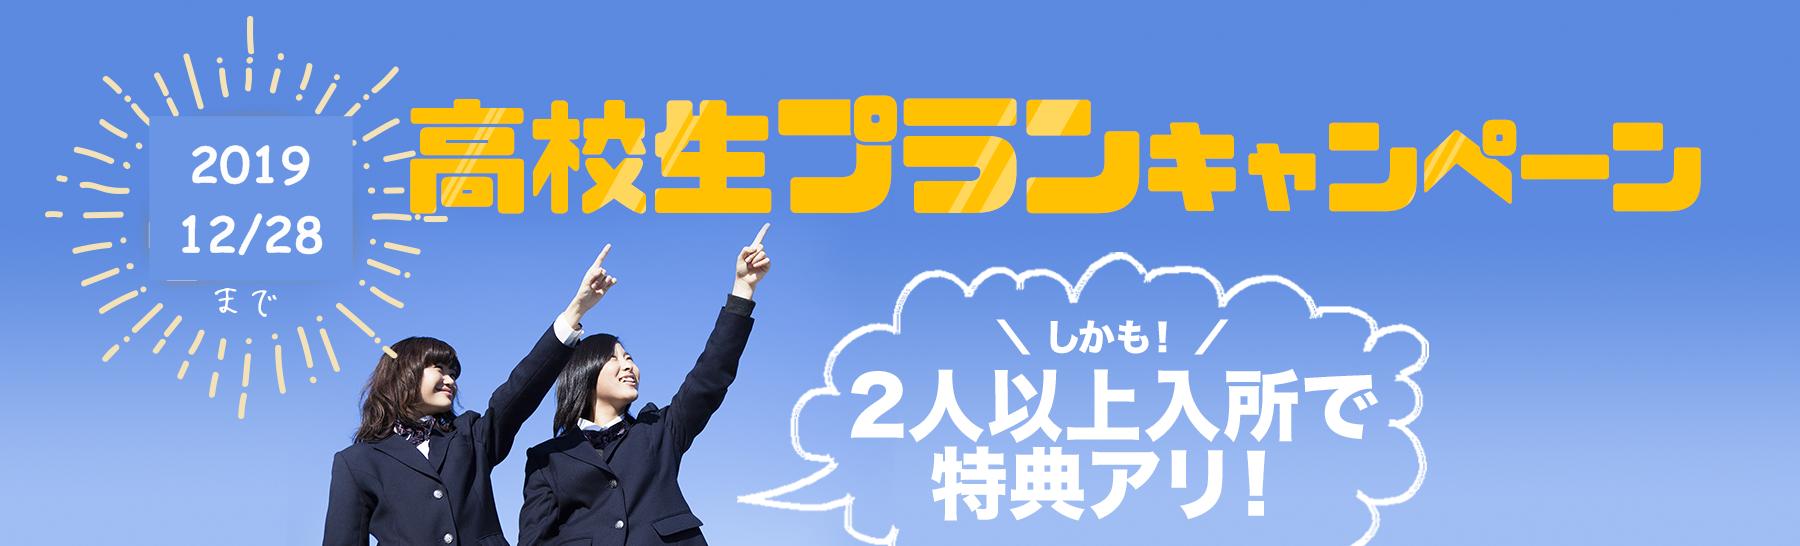 期間限定!!!高校生プラン お得情報満載!!!